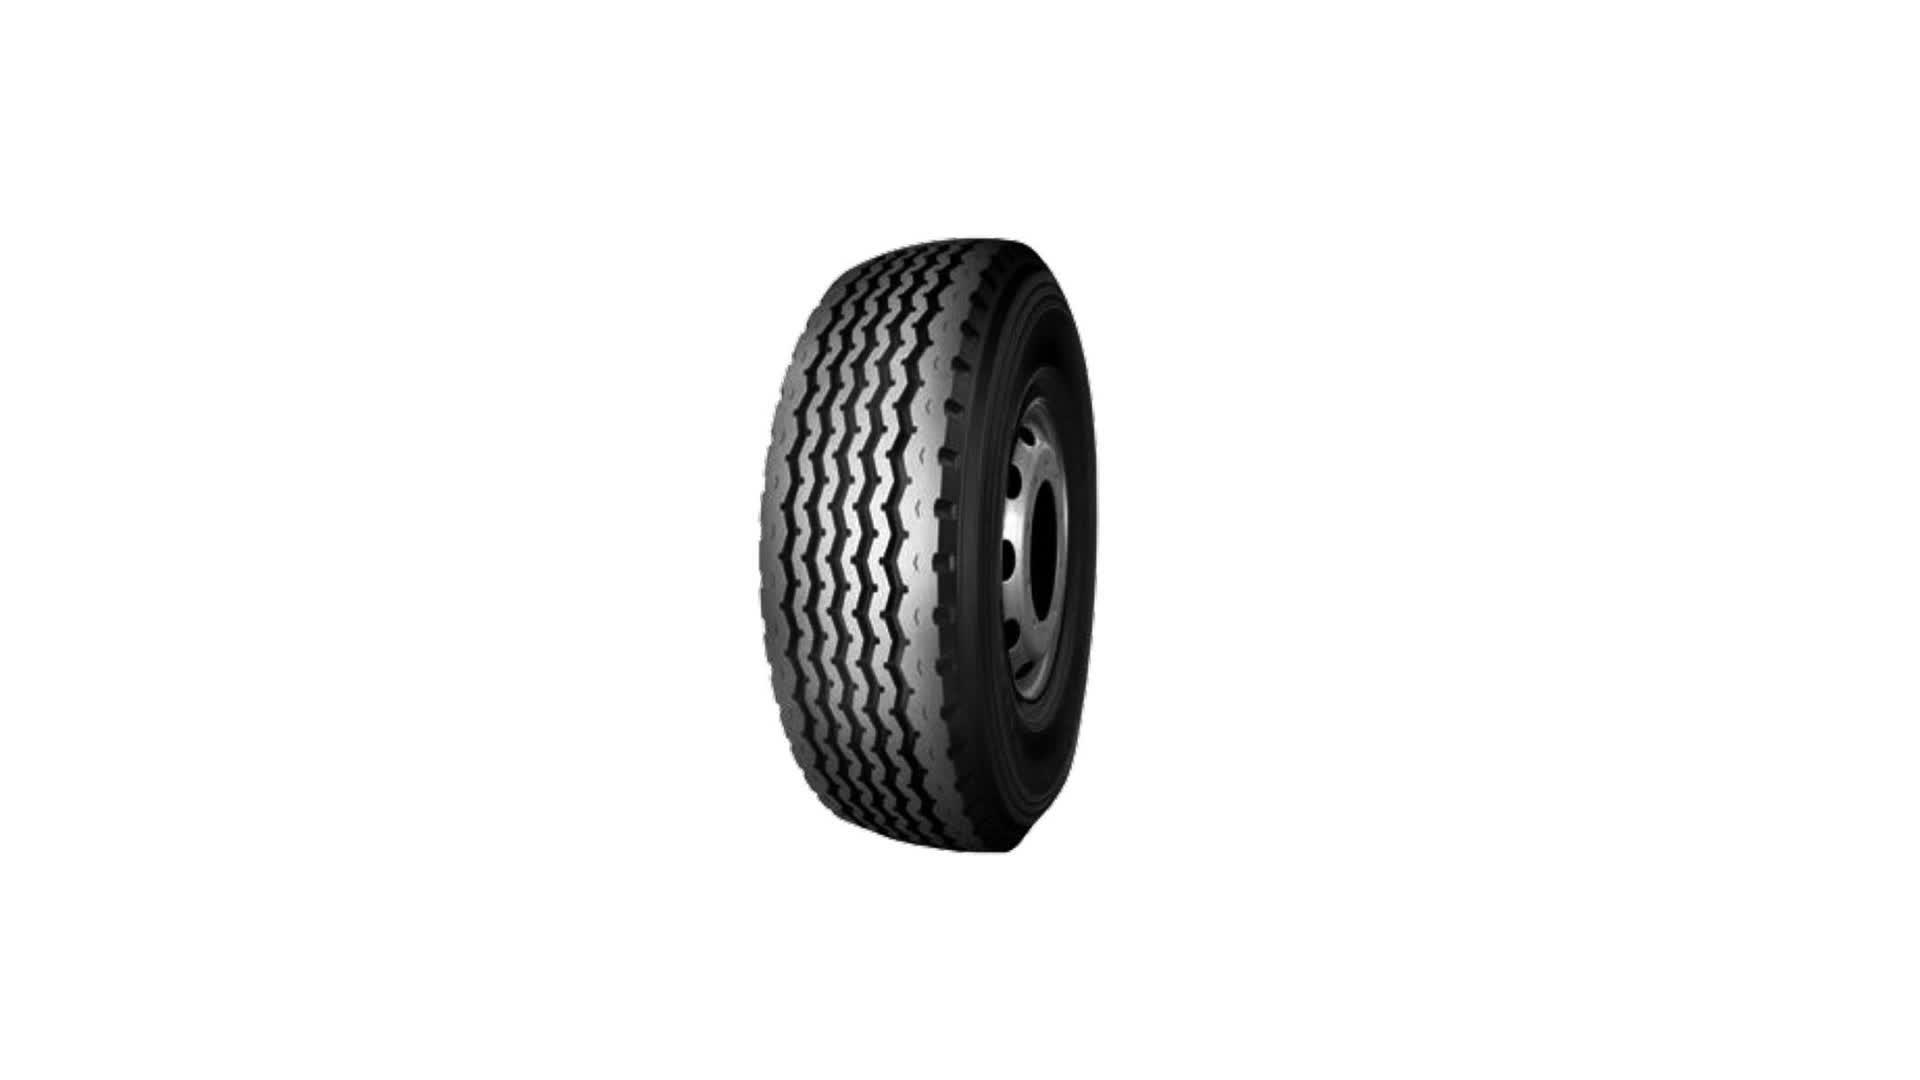 13R22.5 10 de fabrico na china top marca Chinesa pneu de caminhão